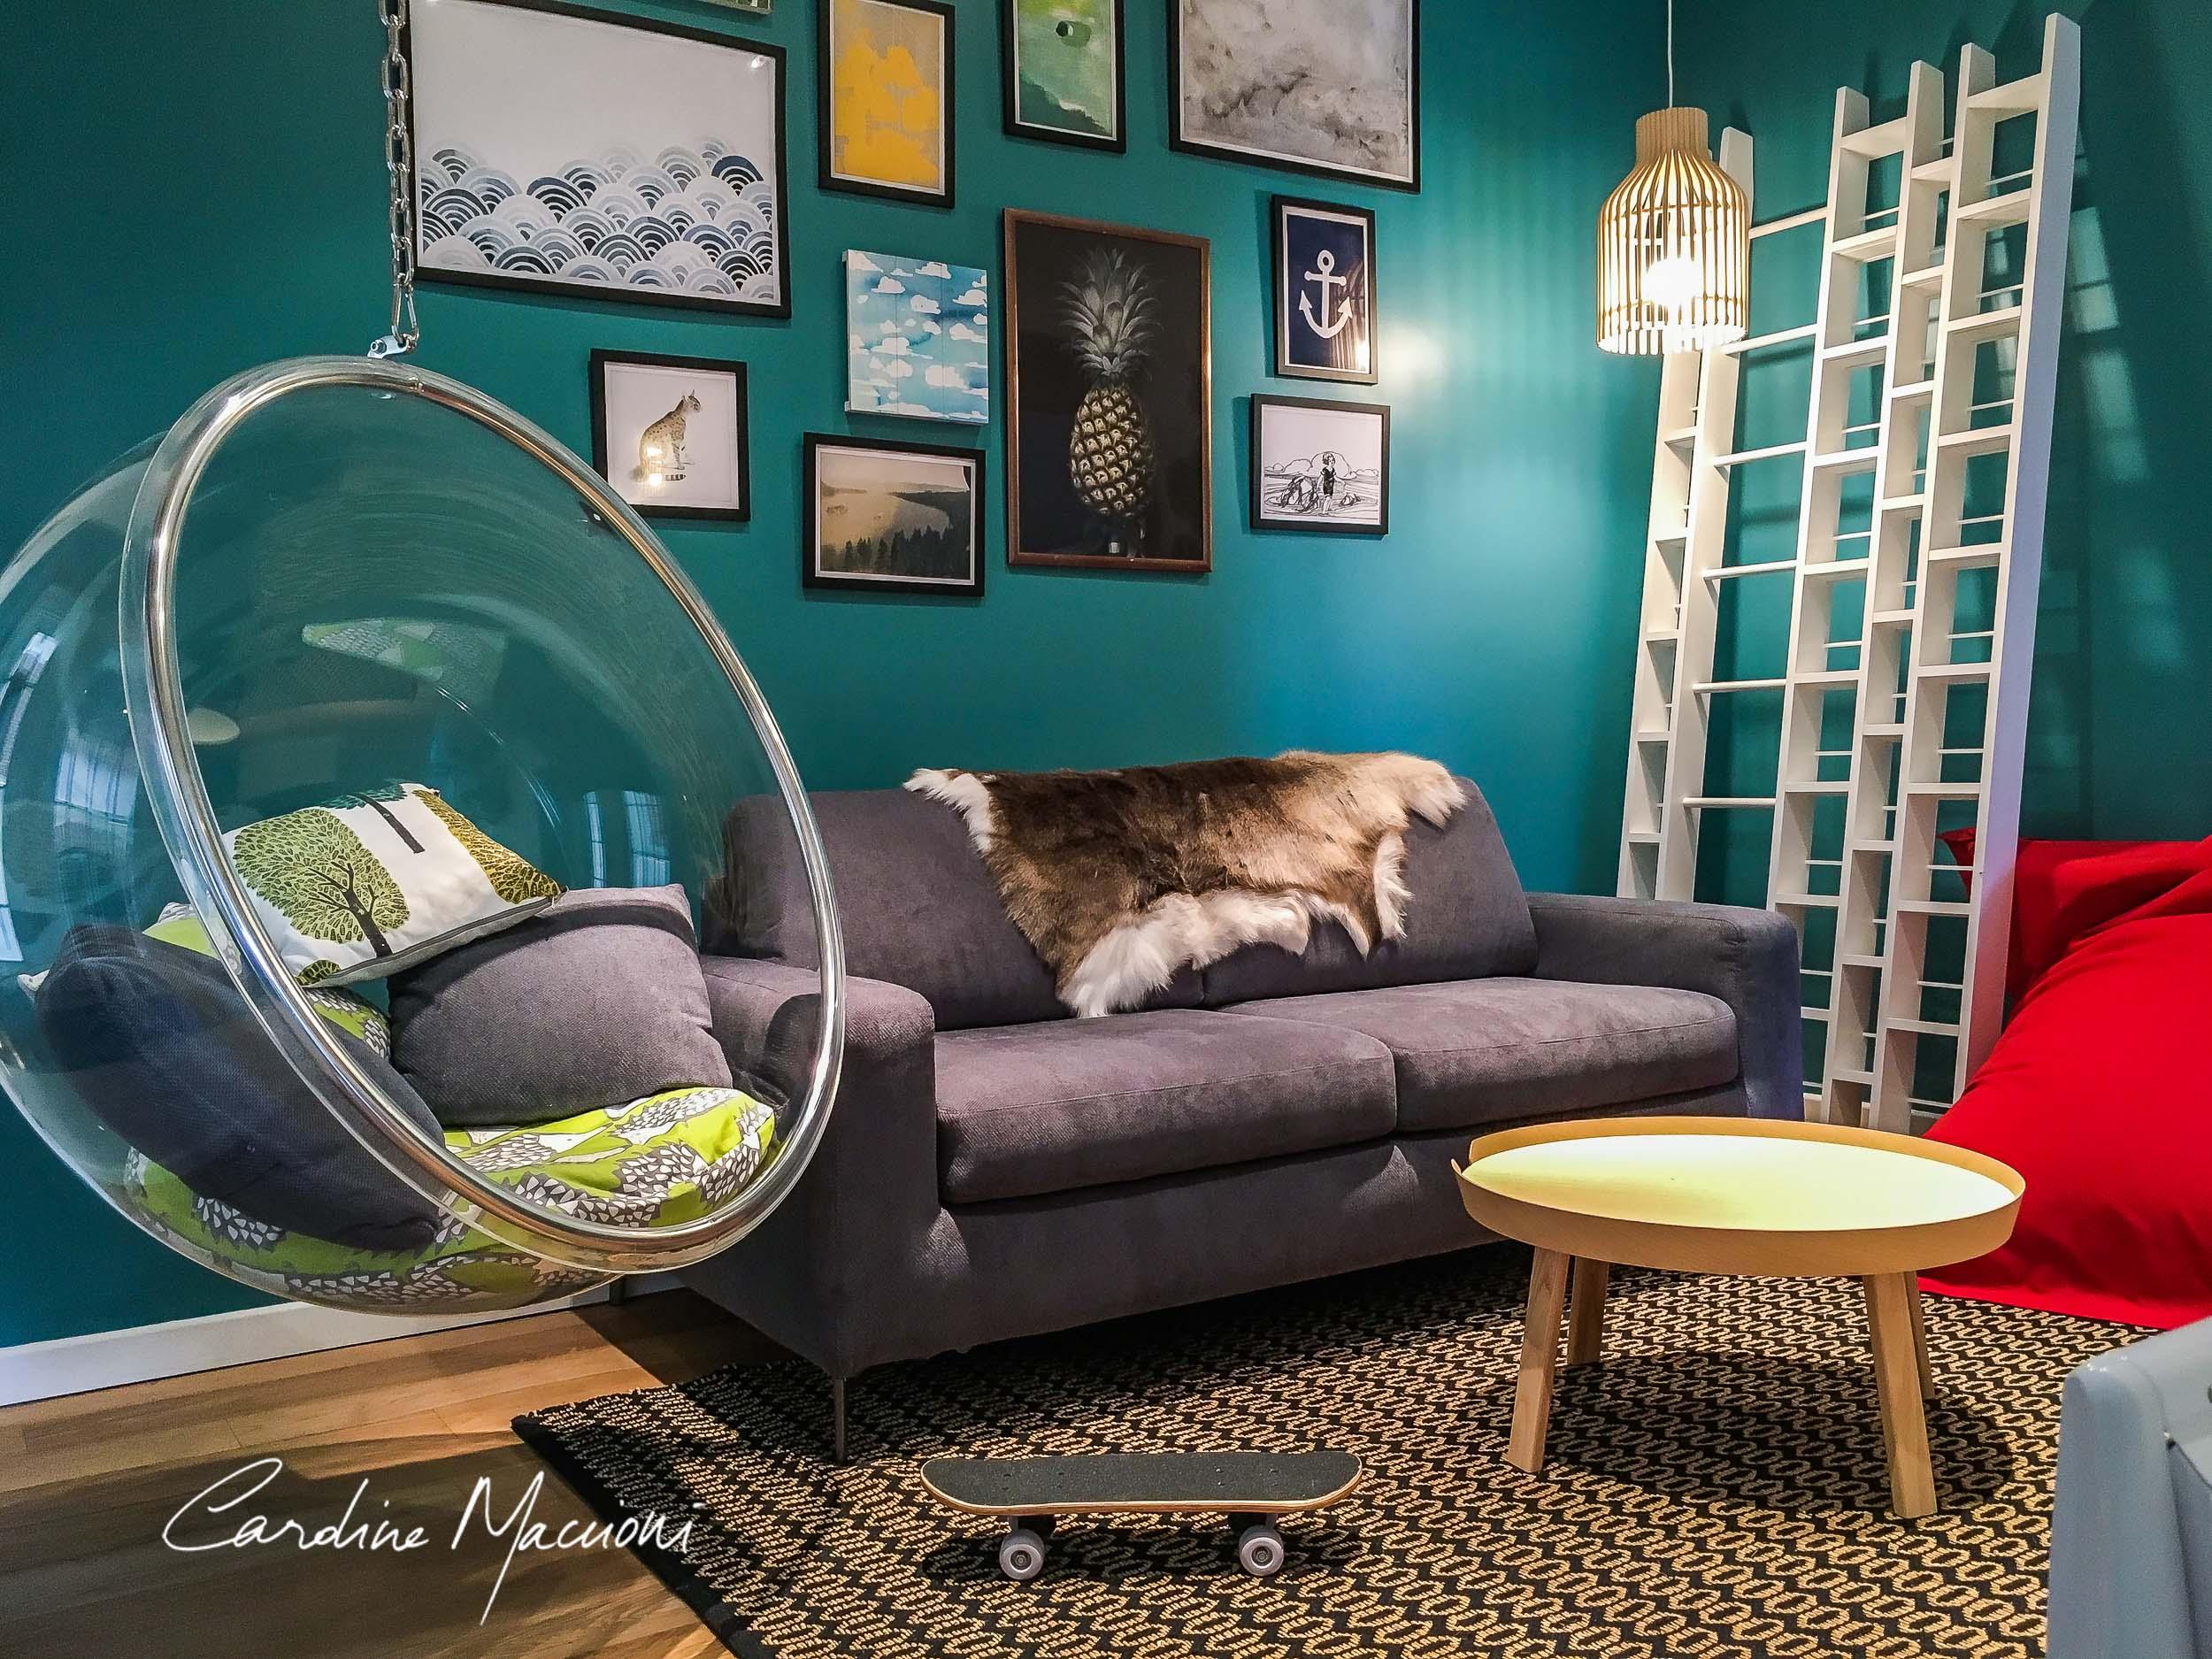 Décoration d'intérieur appartement Biarritz Côte Basque 64 Atalaye vacances en famille et location saisonnière avec vue océan